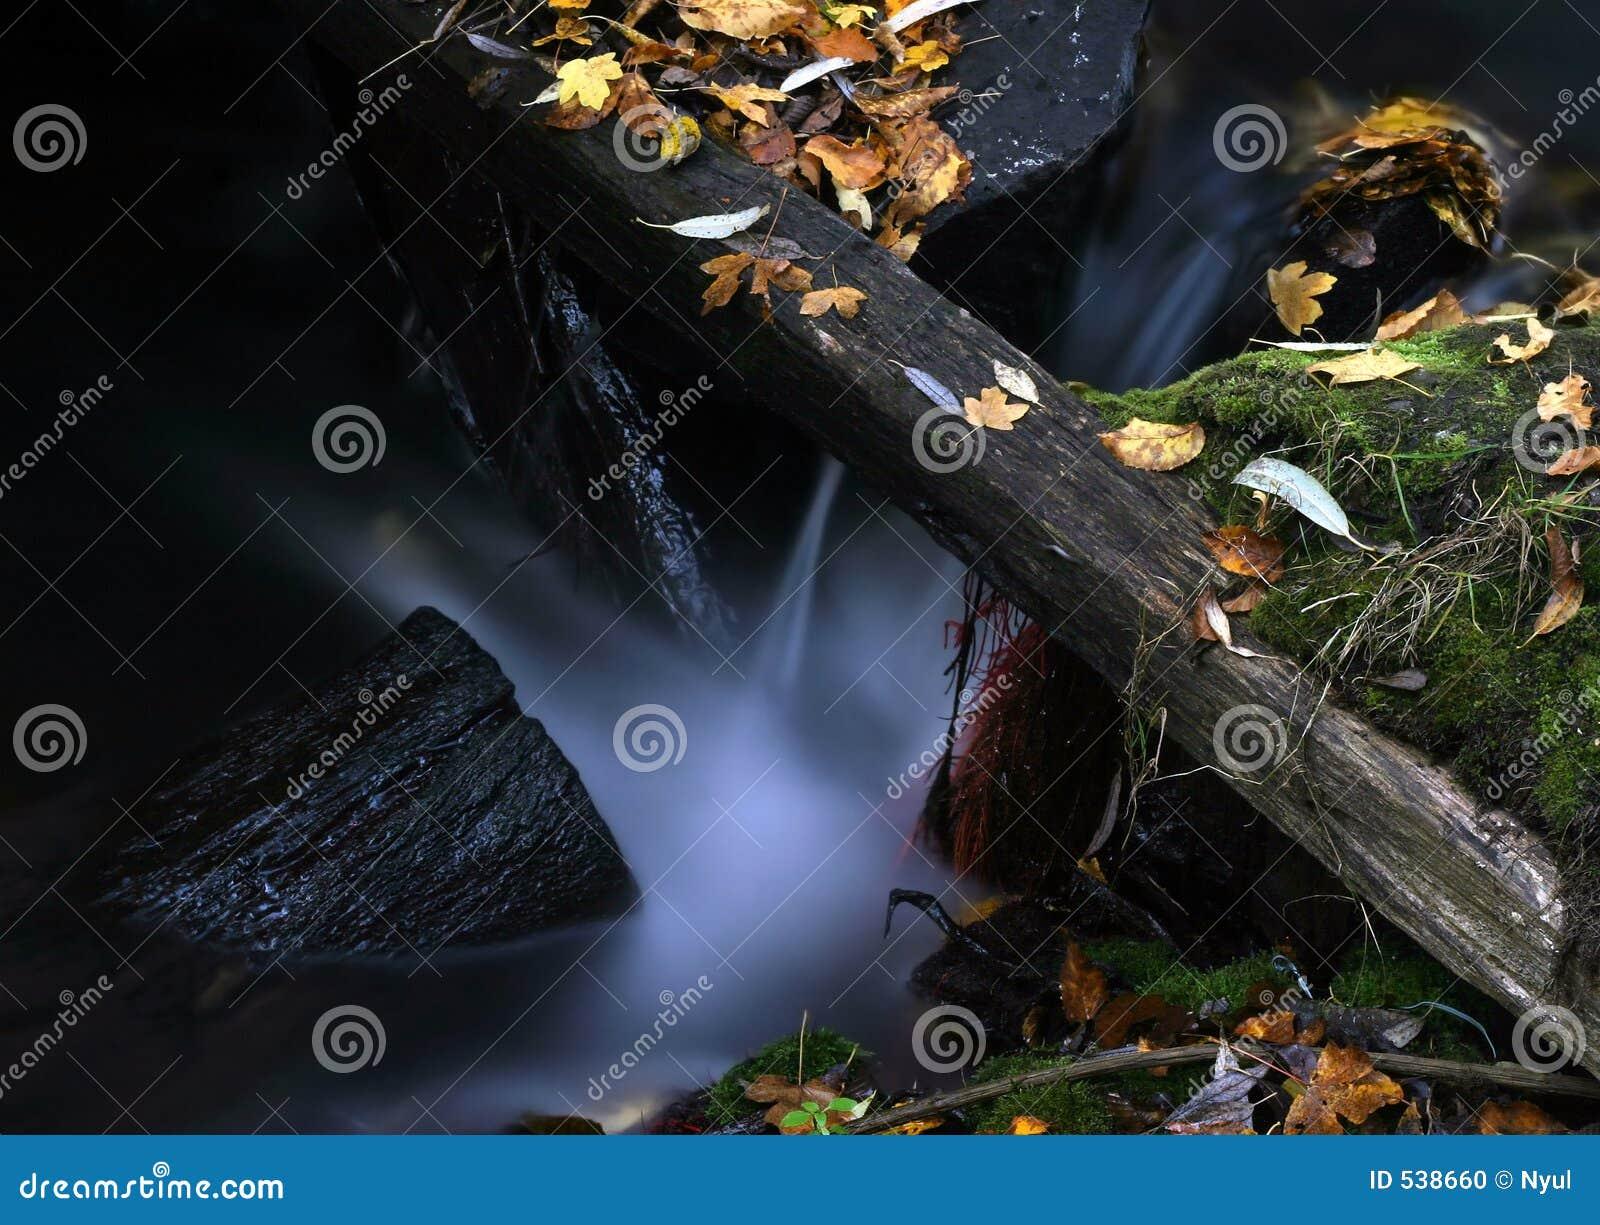 Download 7片叶子水 库存照片. 图片 包括有 runnel, 级联, 自治权, 小河, 生活, 秋天, 洪流, 森林 - 538660